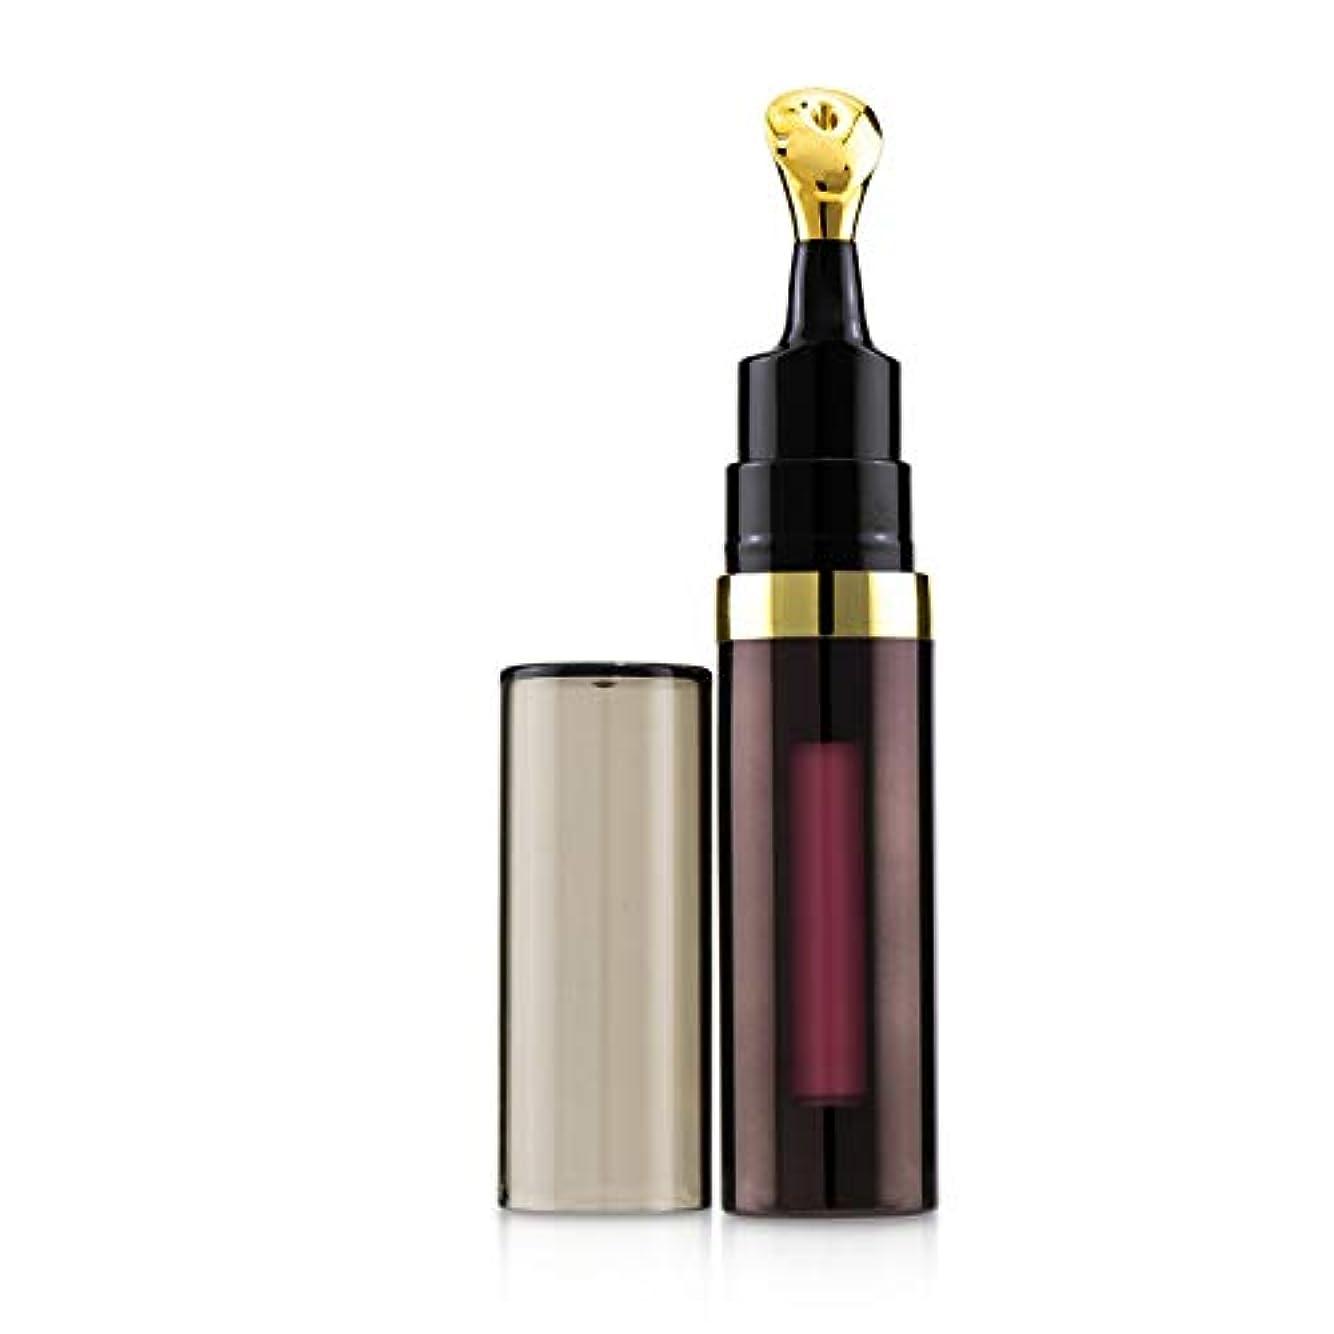 チャペル飲み込む微弱アワーグラス No.28 Lip Treatment Oil - # Adorn (Pinky Rose) 7.5ml/0.25oz並行輸入品